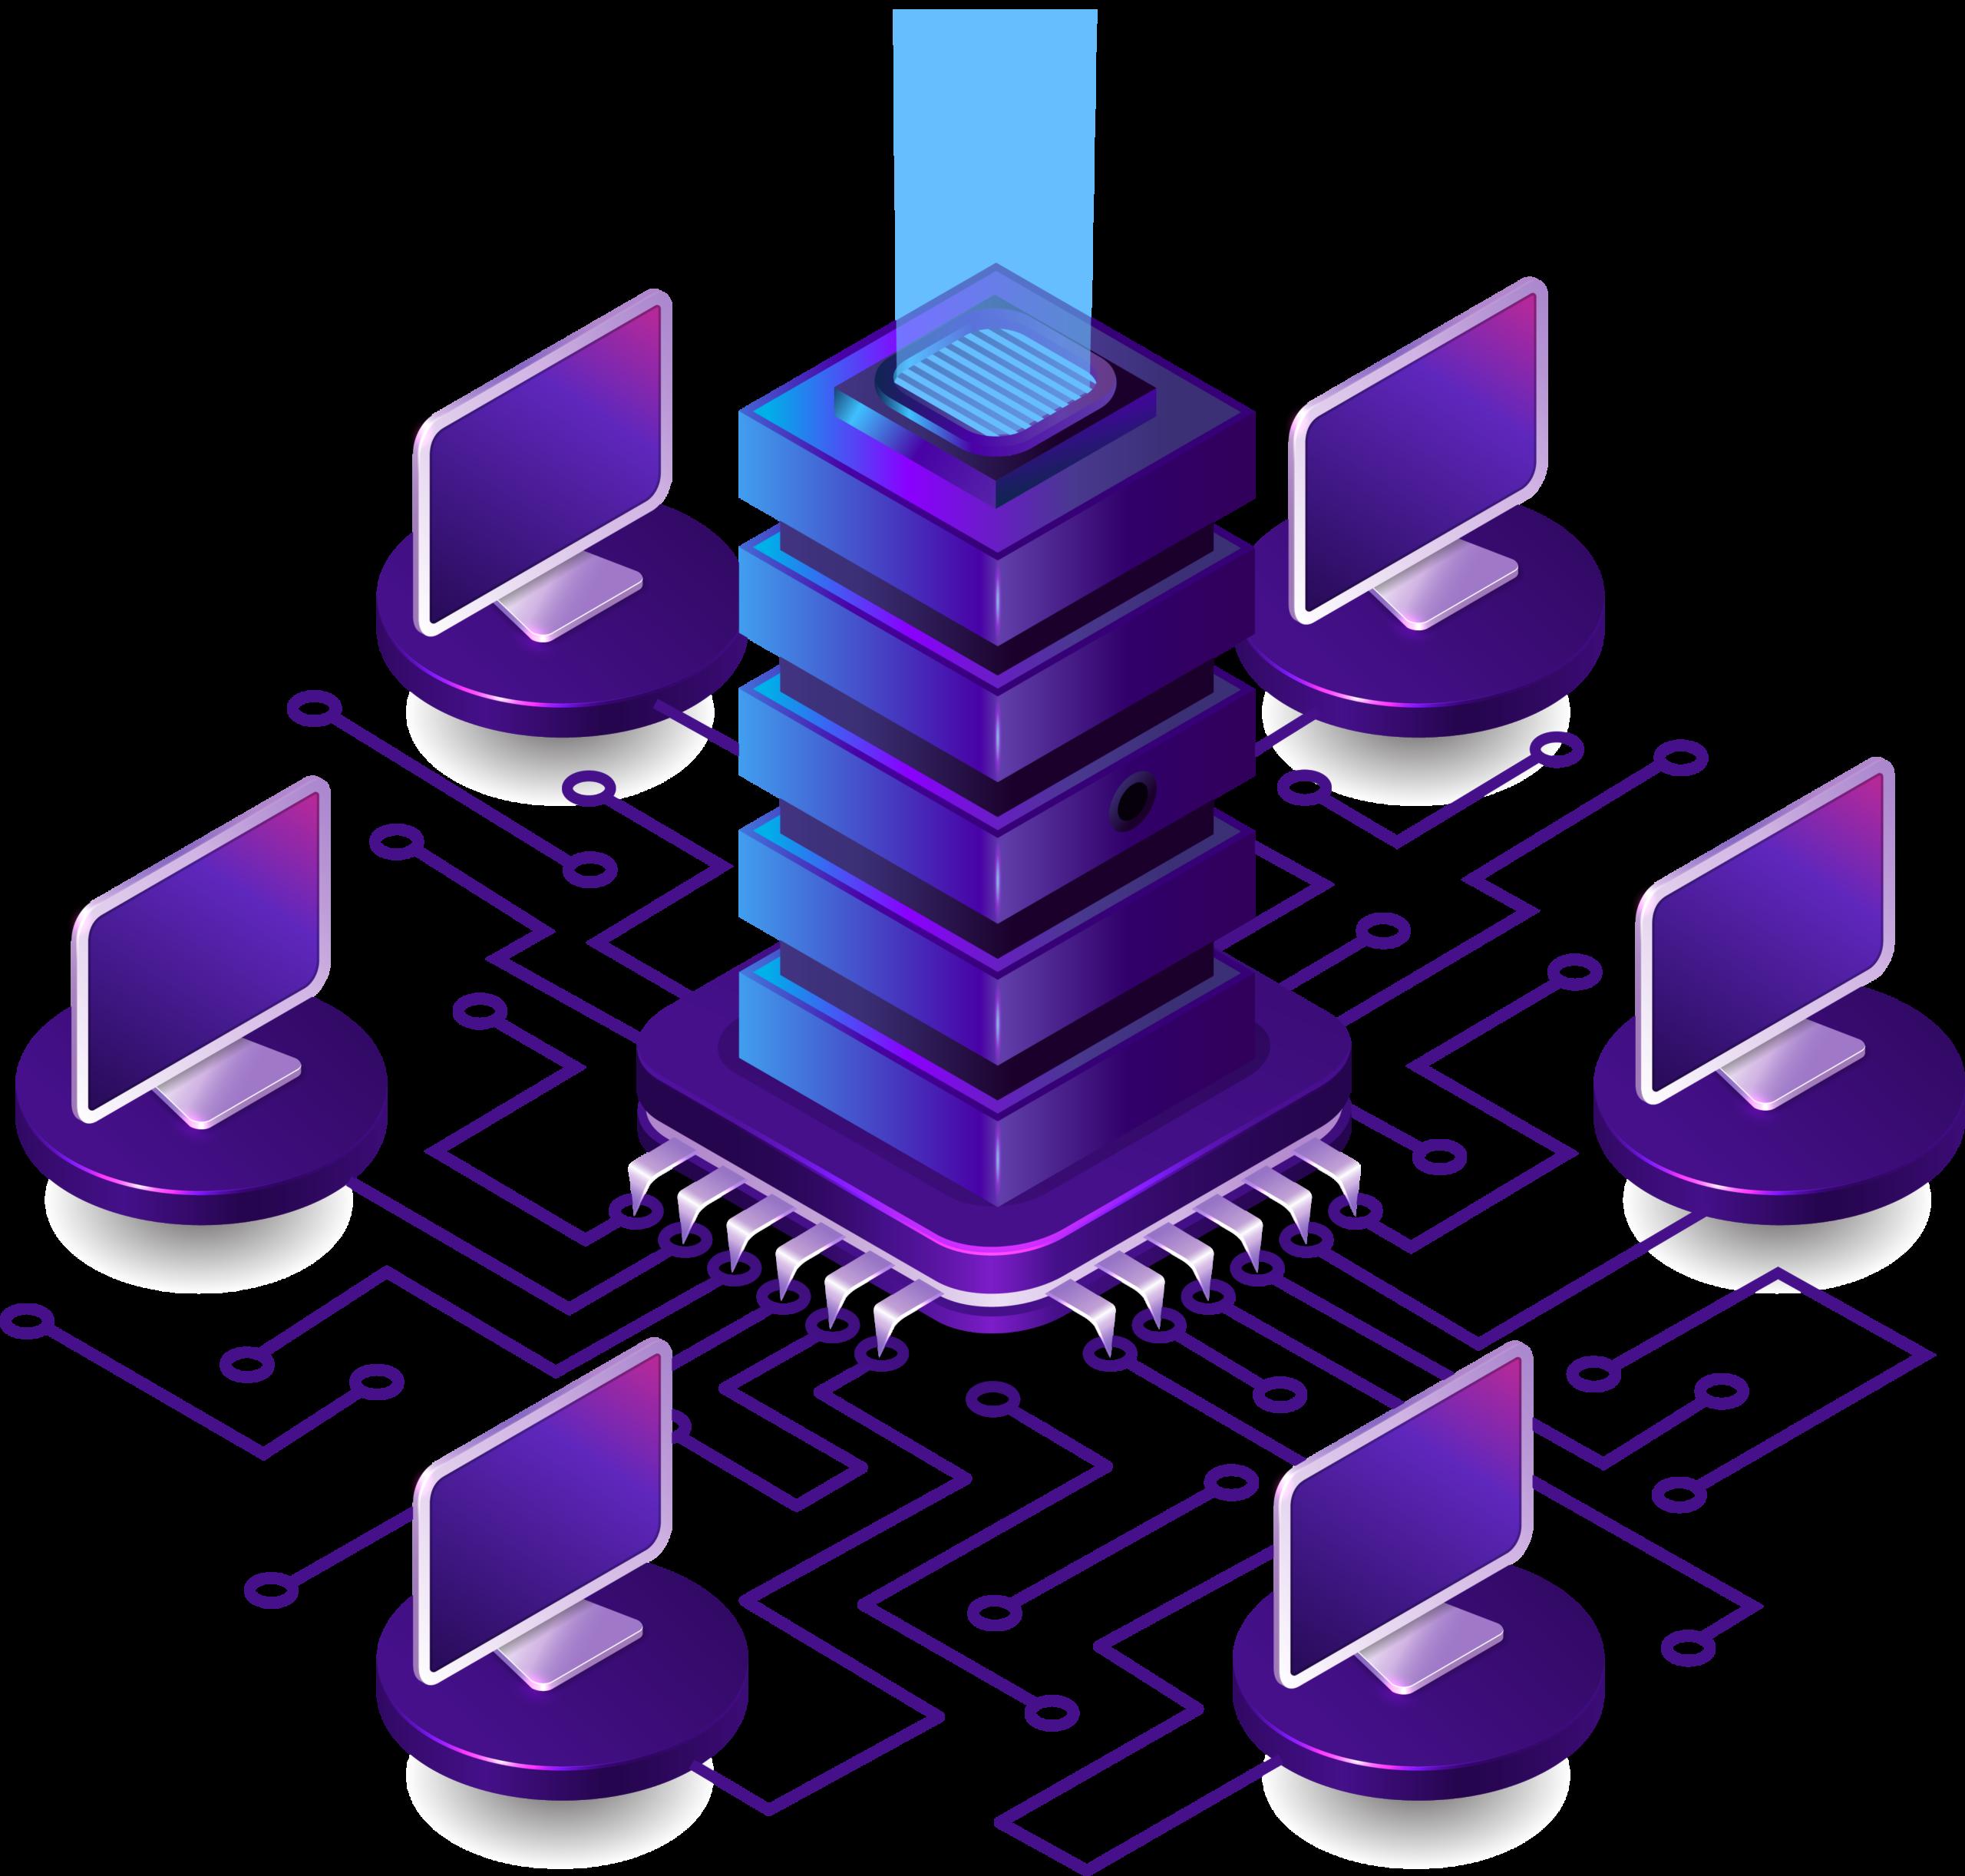 Enduser Computing